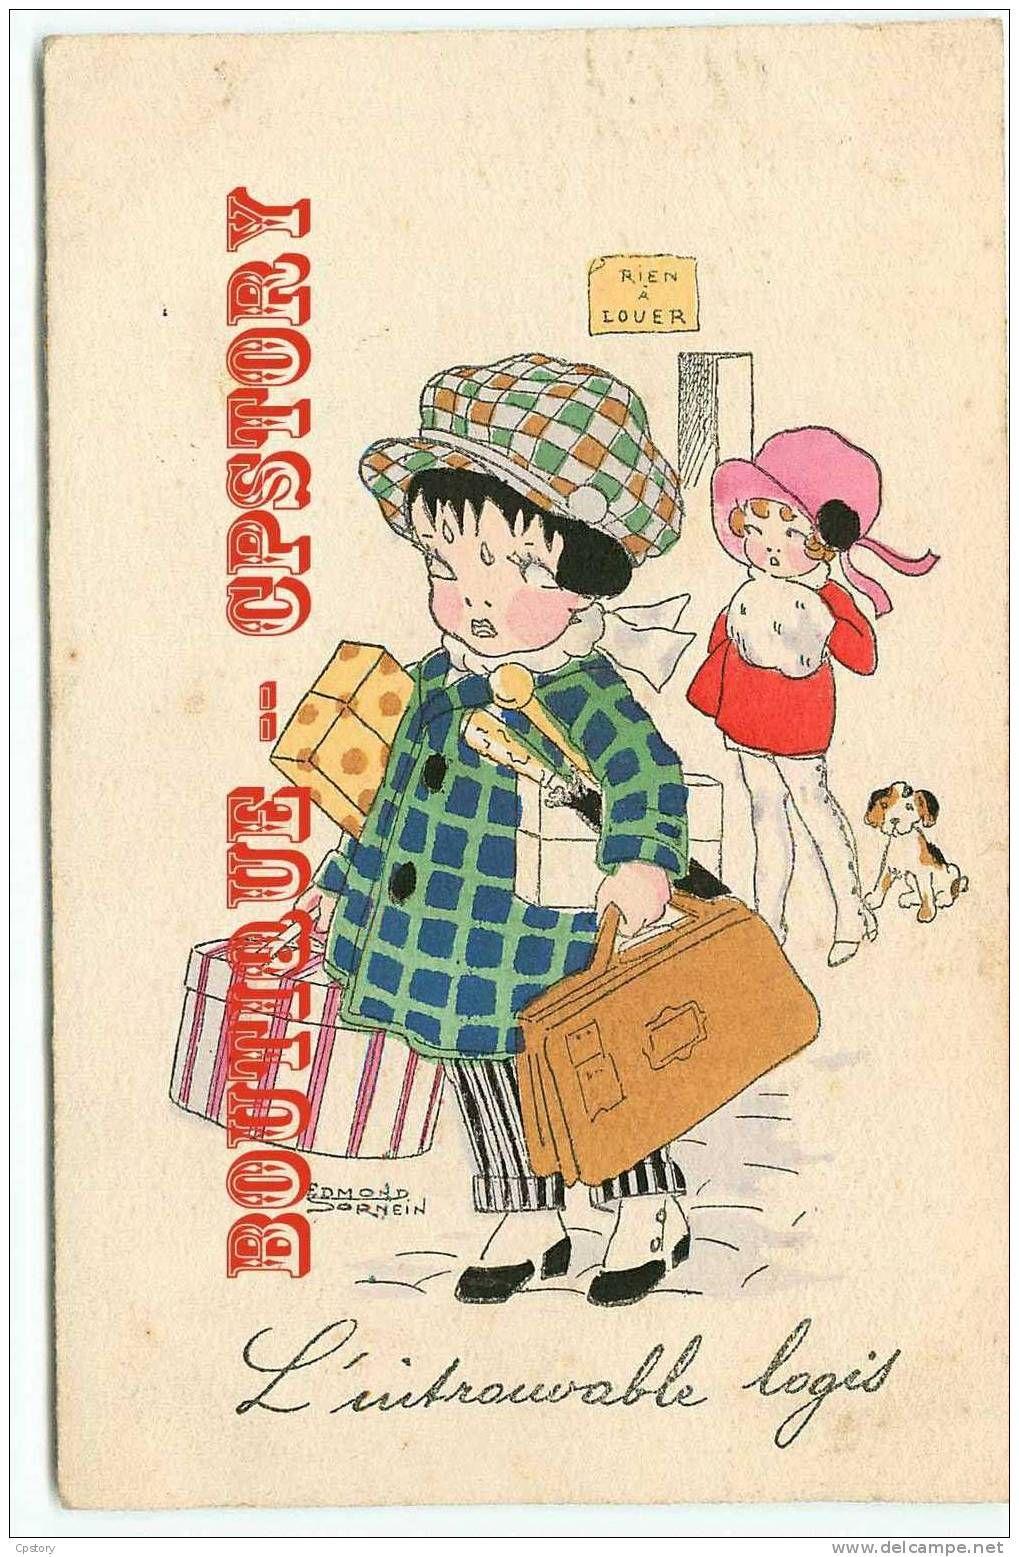 Cartes Postales / sornein - Delcampe.fr | Carte postale, Cartes postales anciennes, Postale